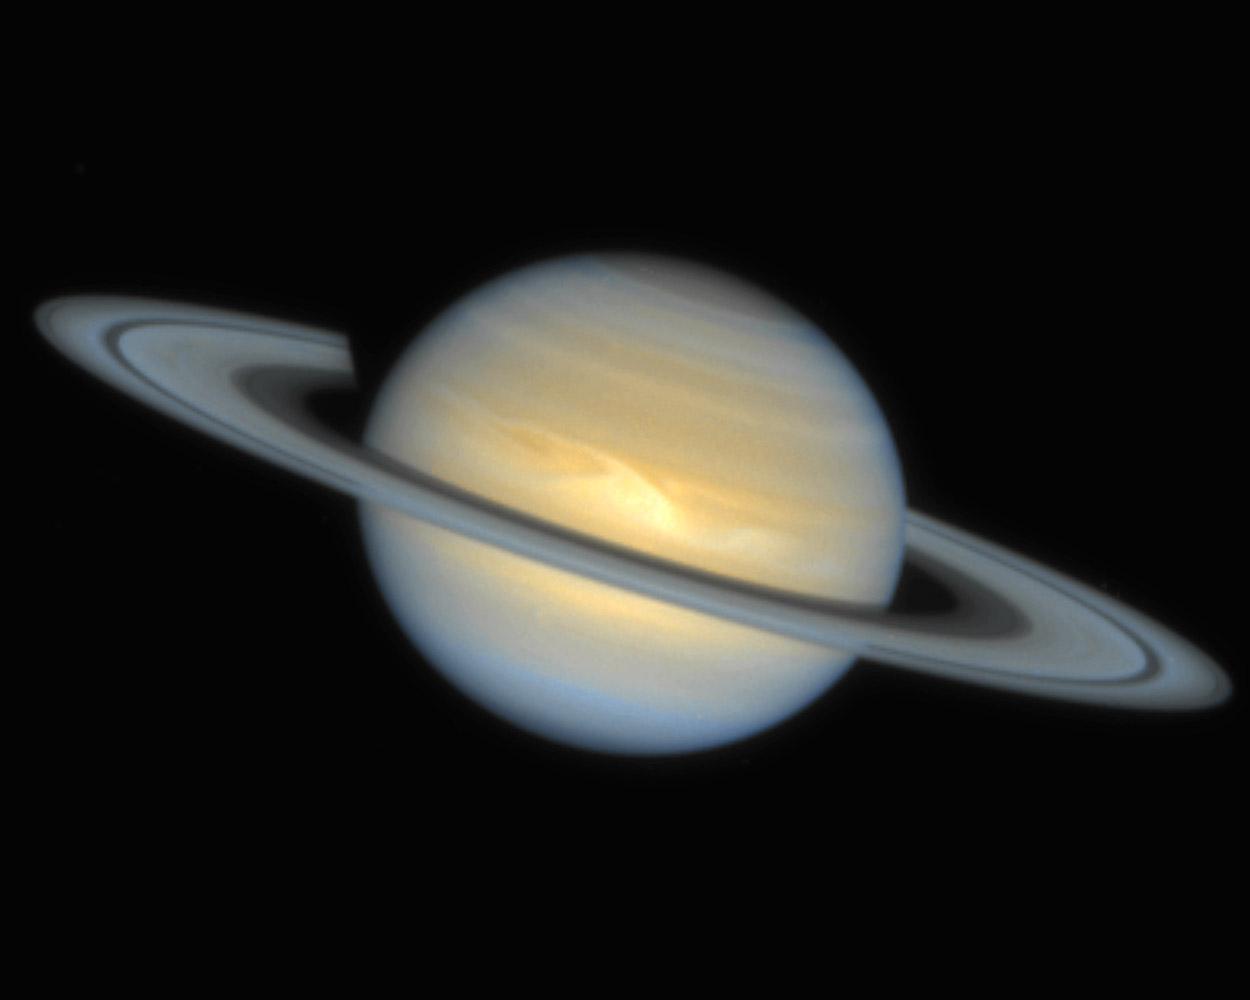 Makalah Fenomena Alam Teori Pendidikan Bumi Kita Karakteristik Dan Hukum Planet